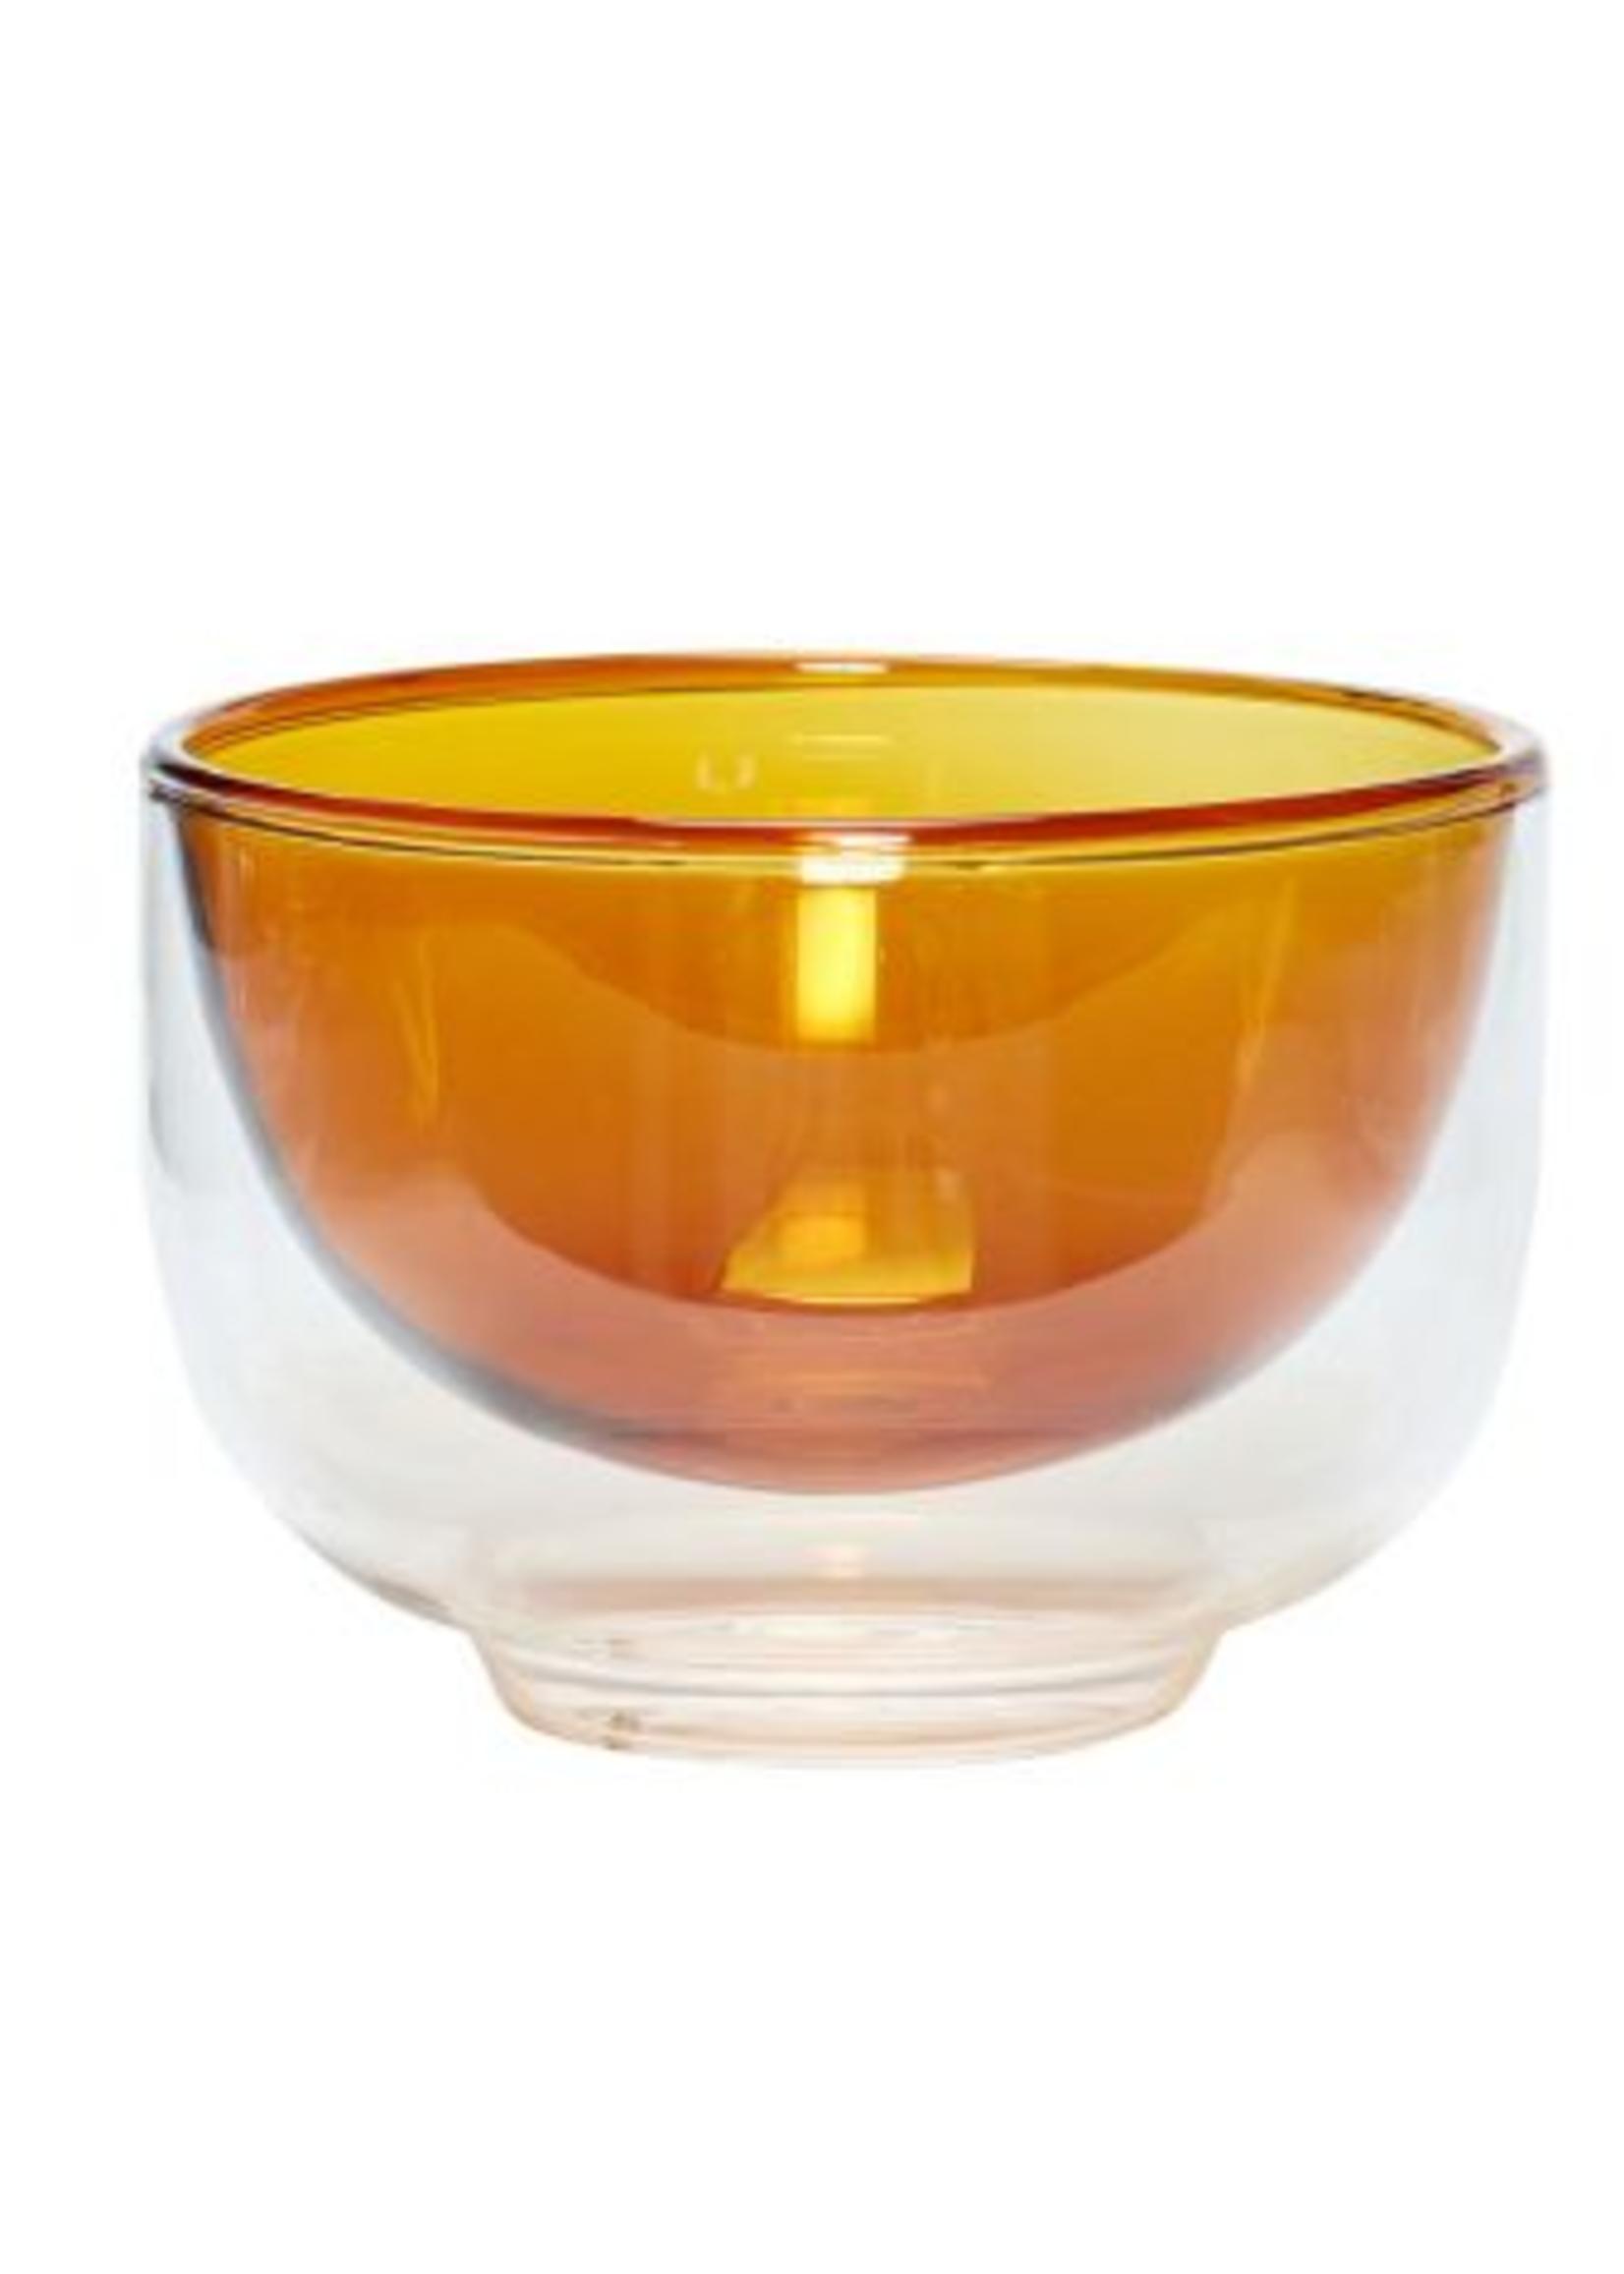 Hubsch Bowl, glass, clear